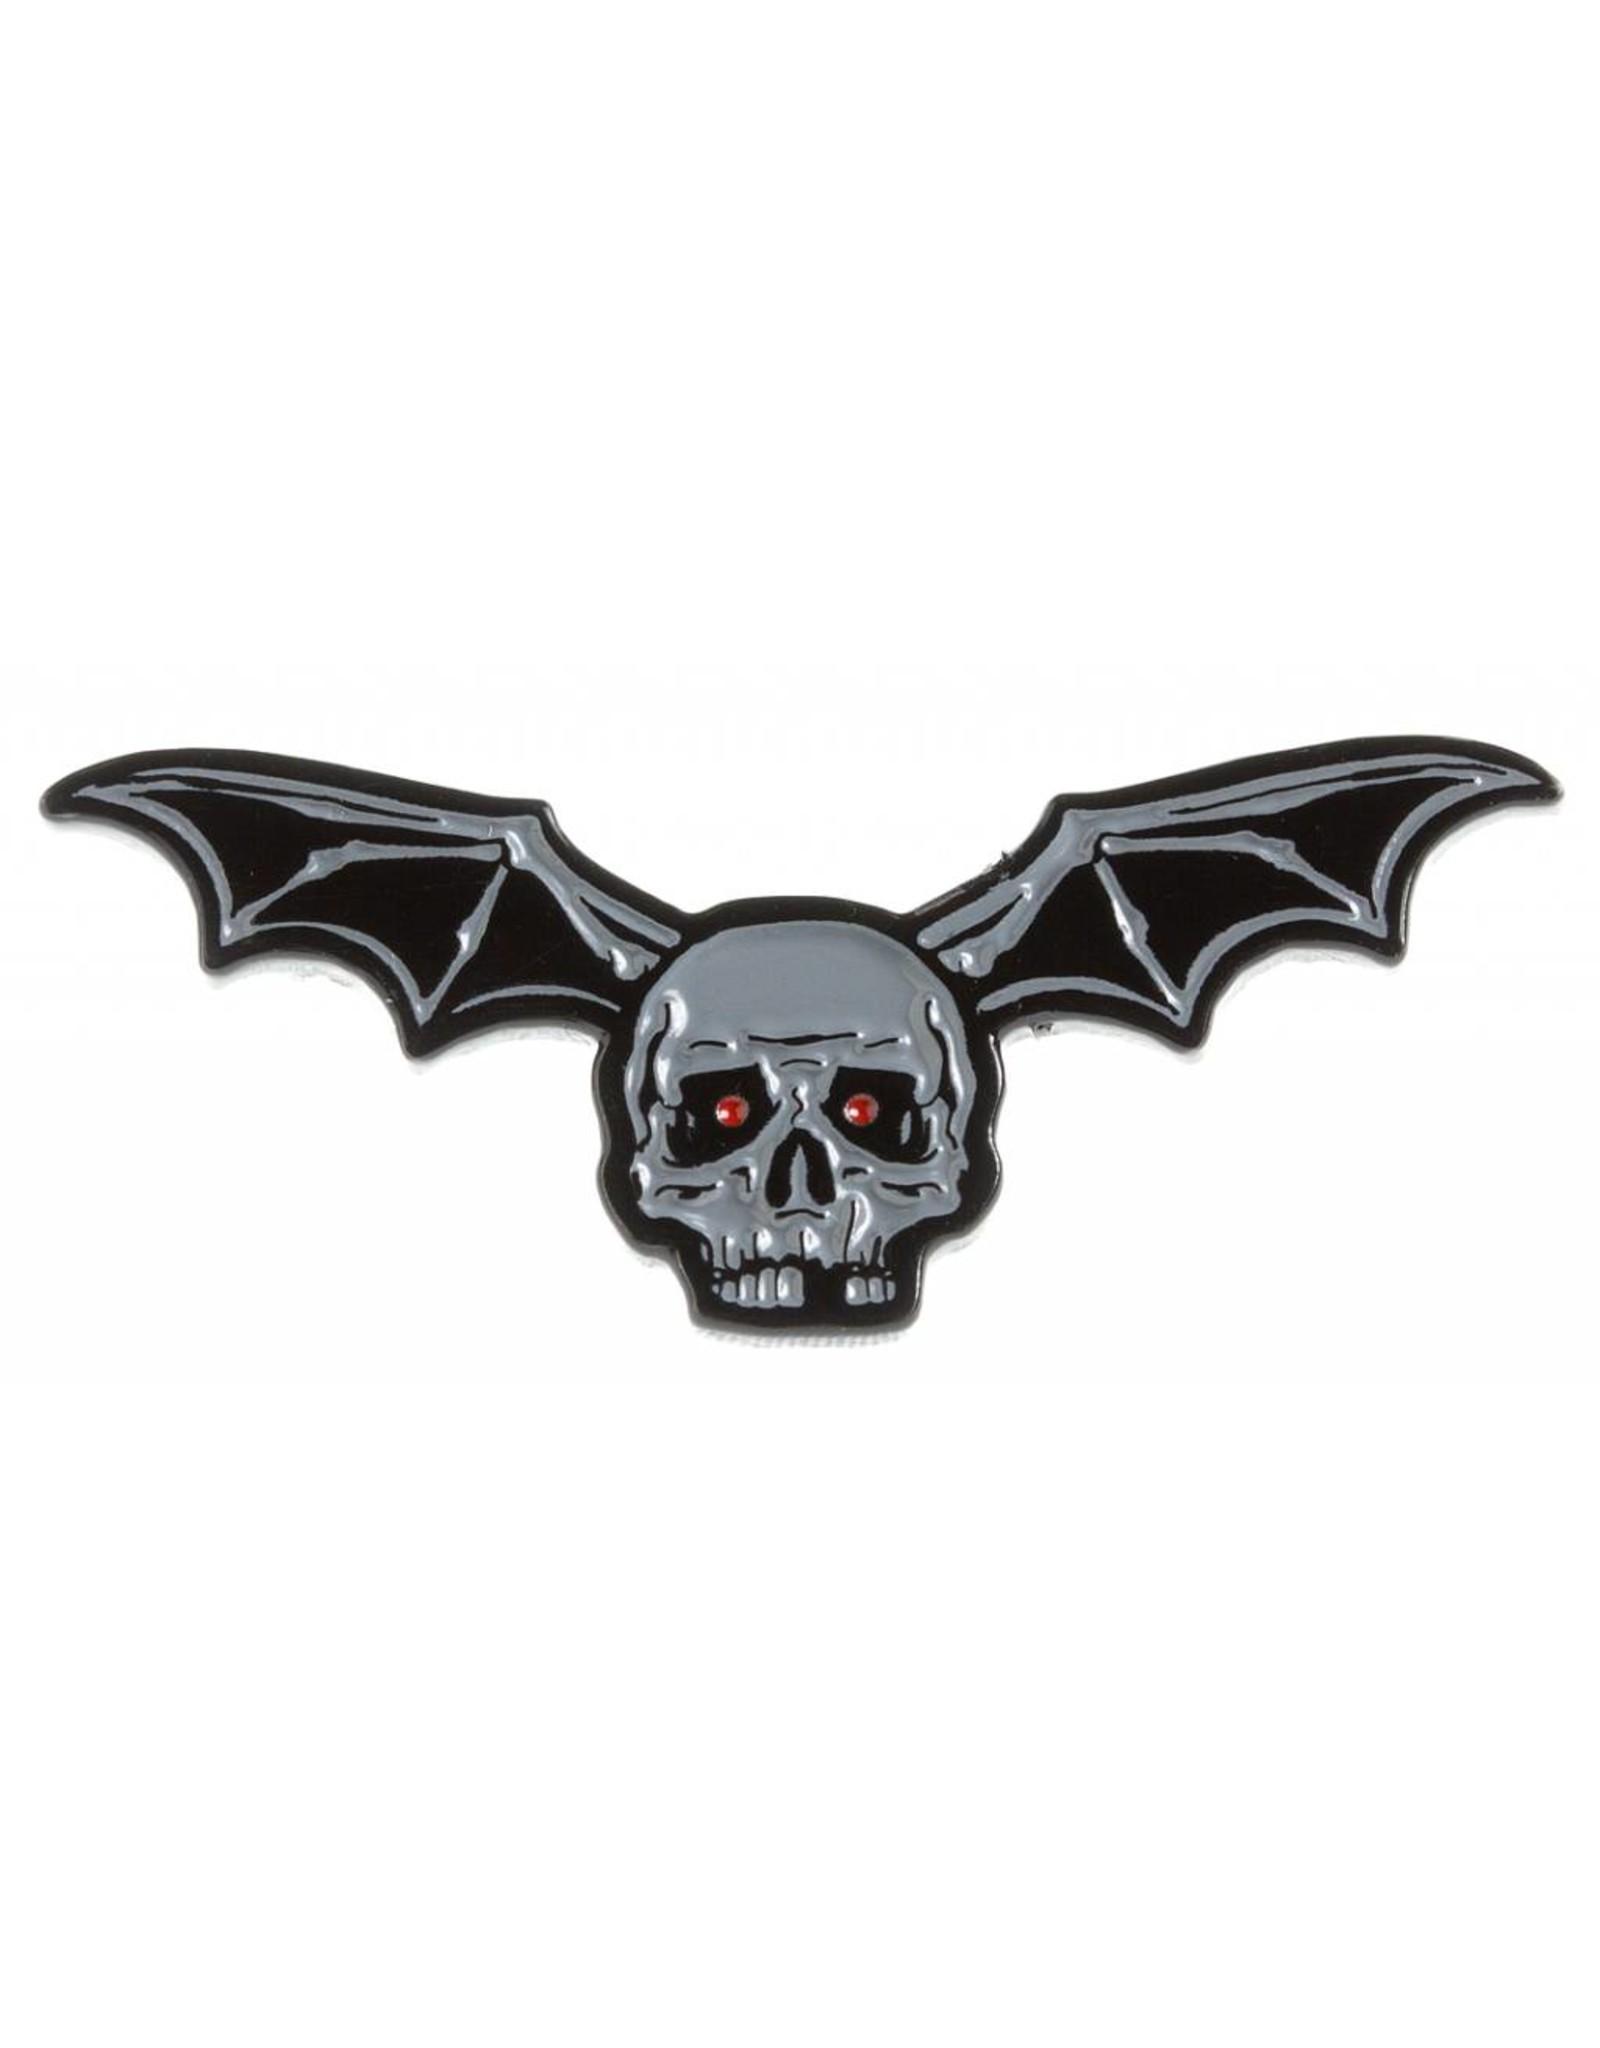 SOURPUSS - Bat Bones Pin